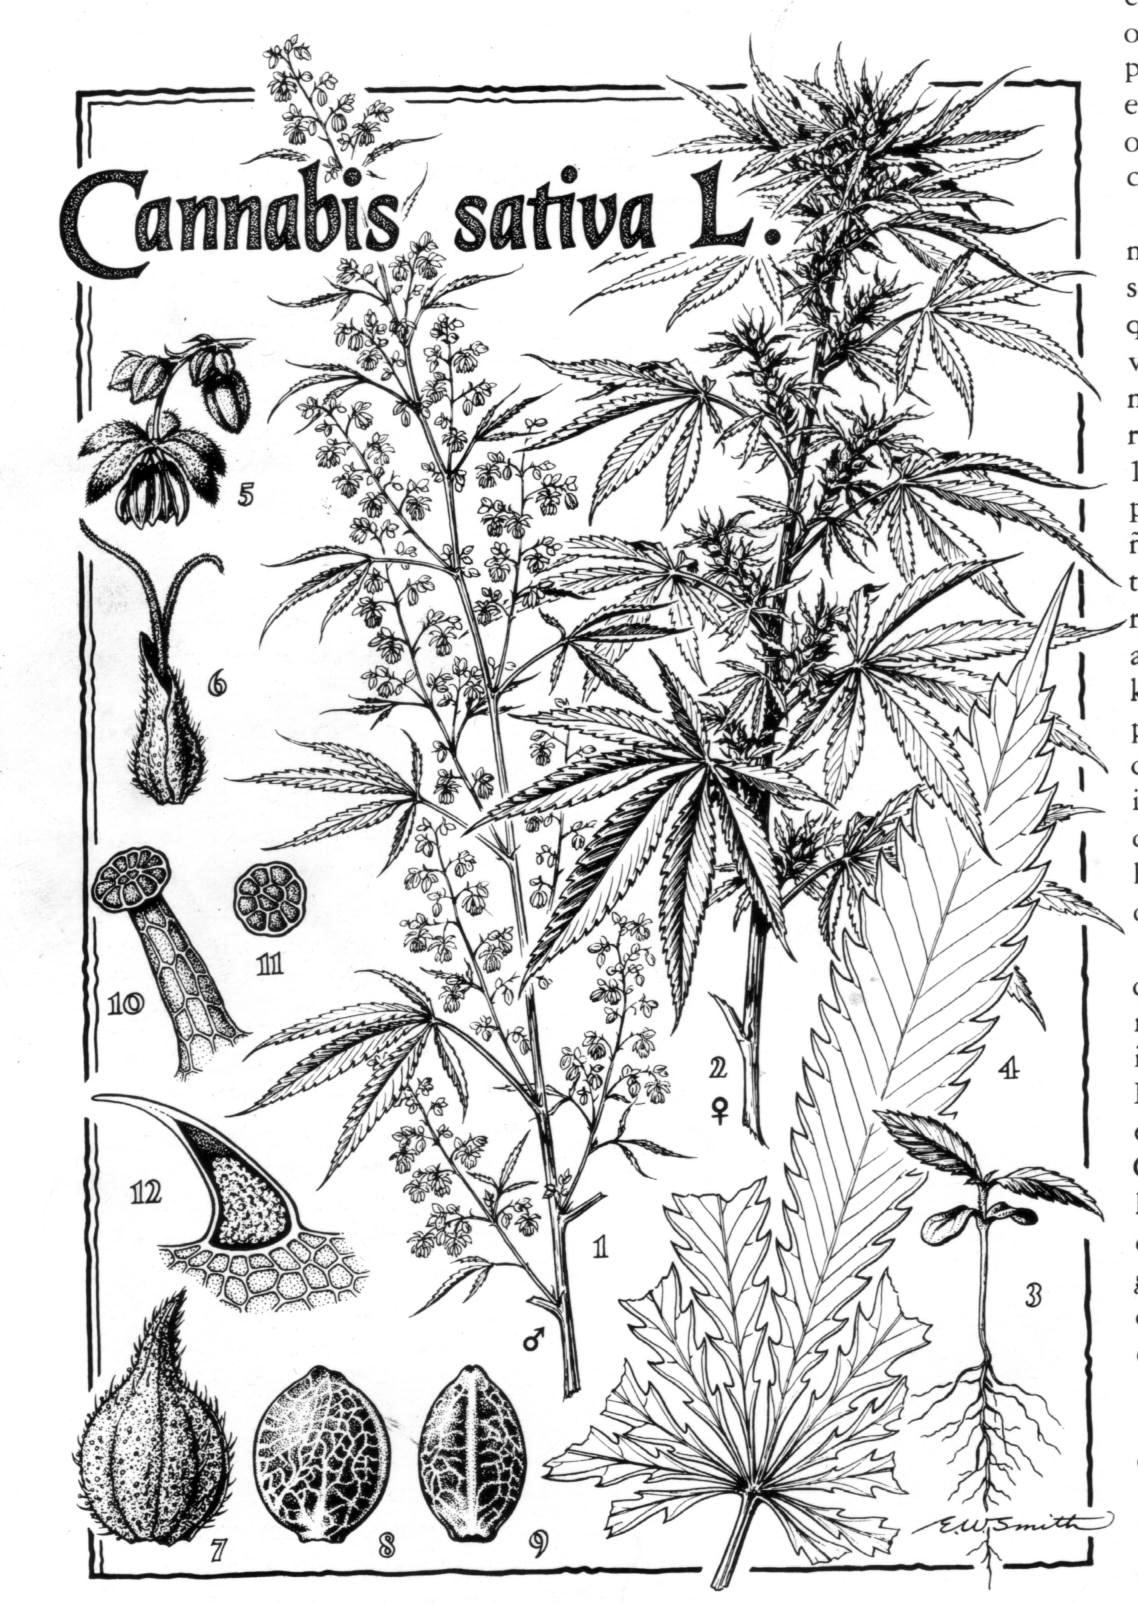 Dibujo de una planta grande de marihuana.